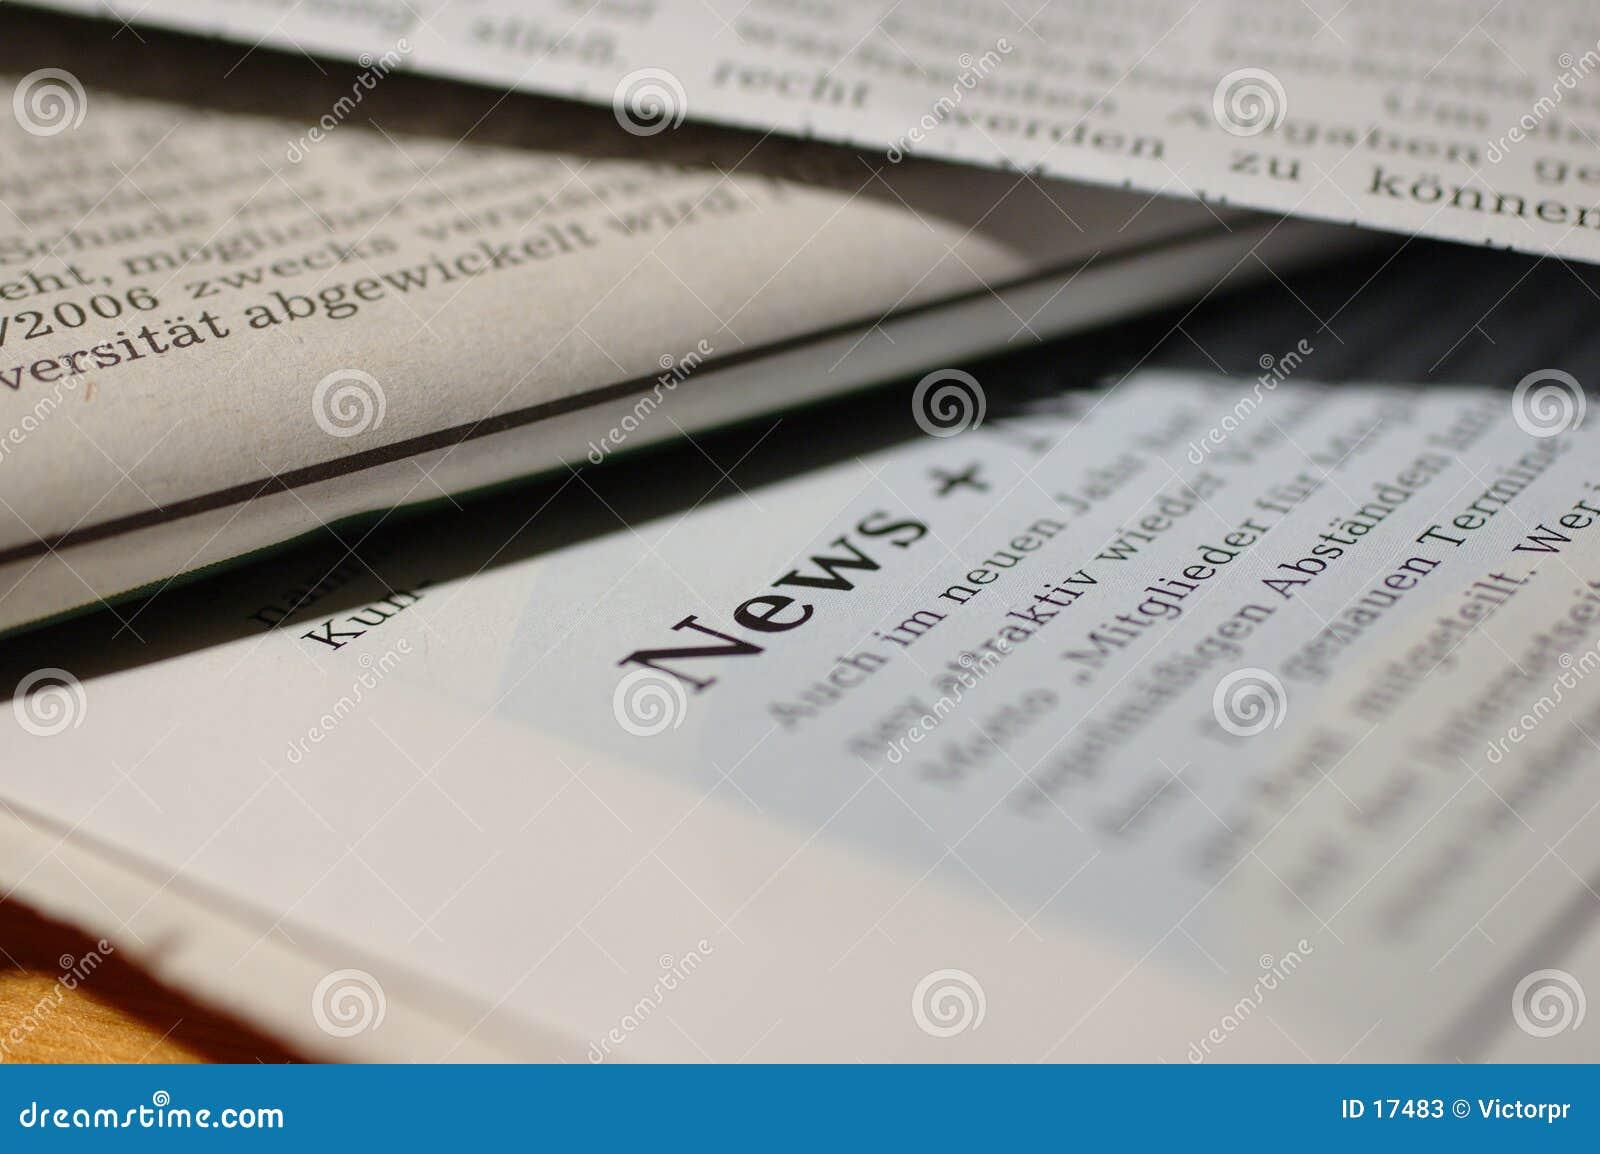 Jornais com notícias da palavra